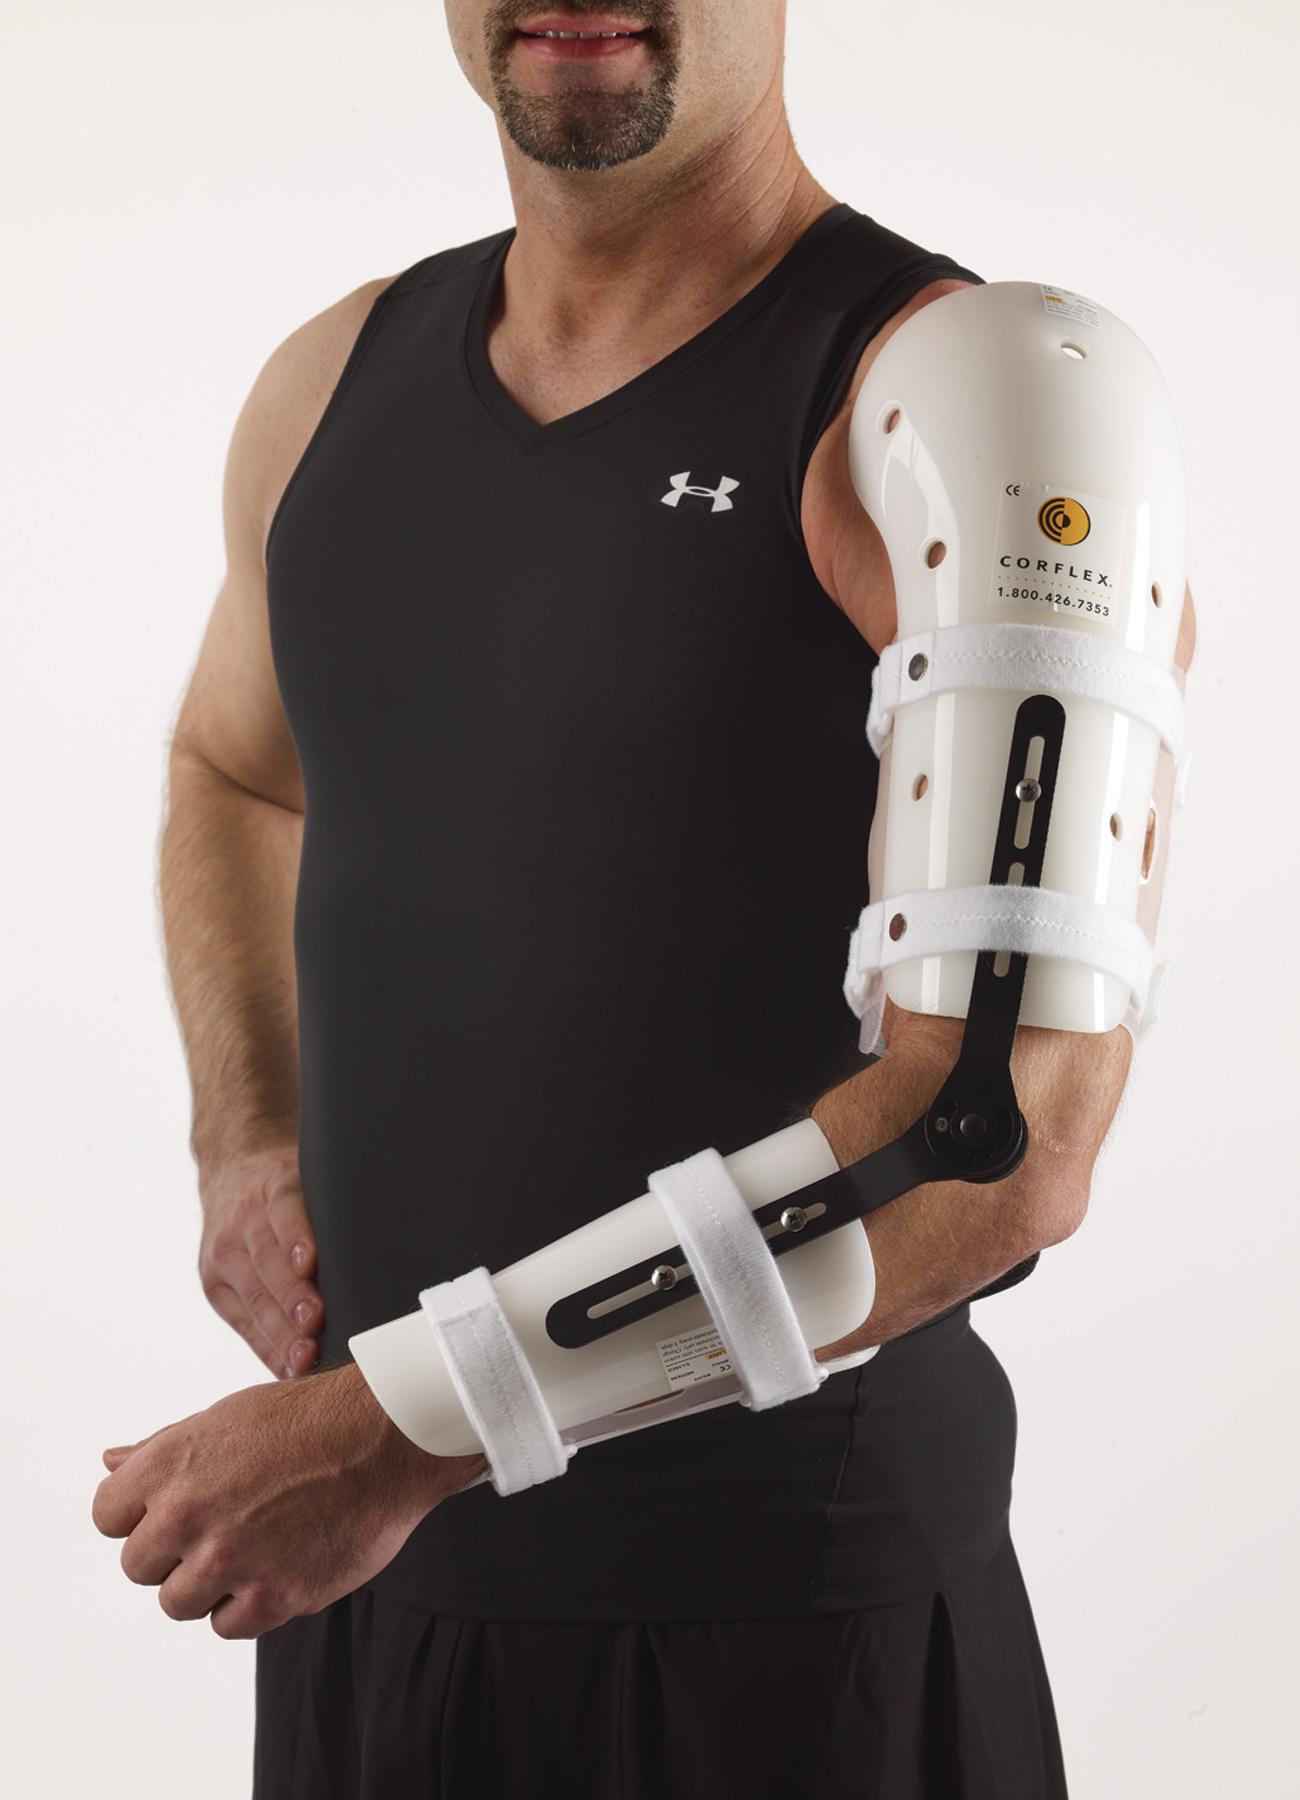 68bdcb9c59 Elbow Orthosis w/R.O.M. Hinge